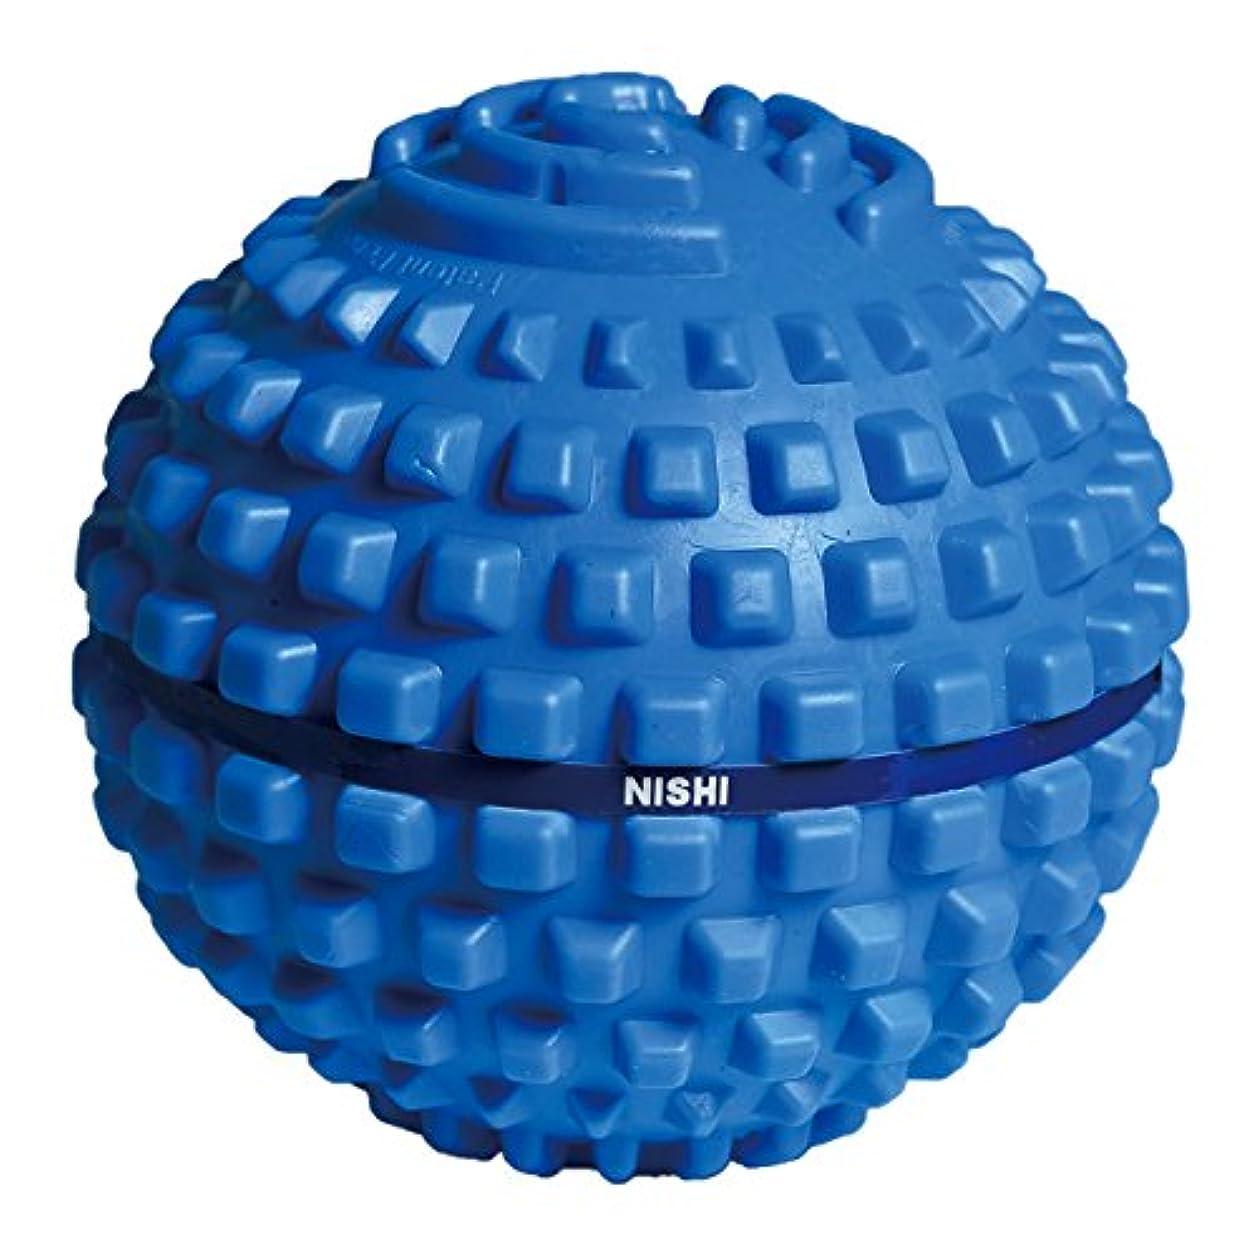 安西世界に死んだ本土ニシ?スポーツ(NISHI) コンプレッションボール NT7994 F